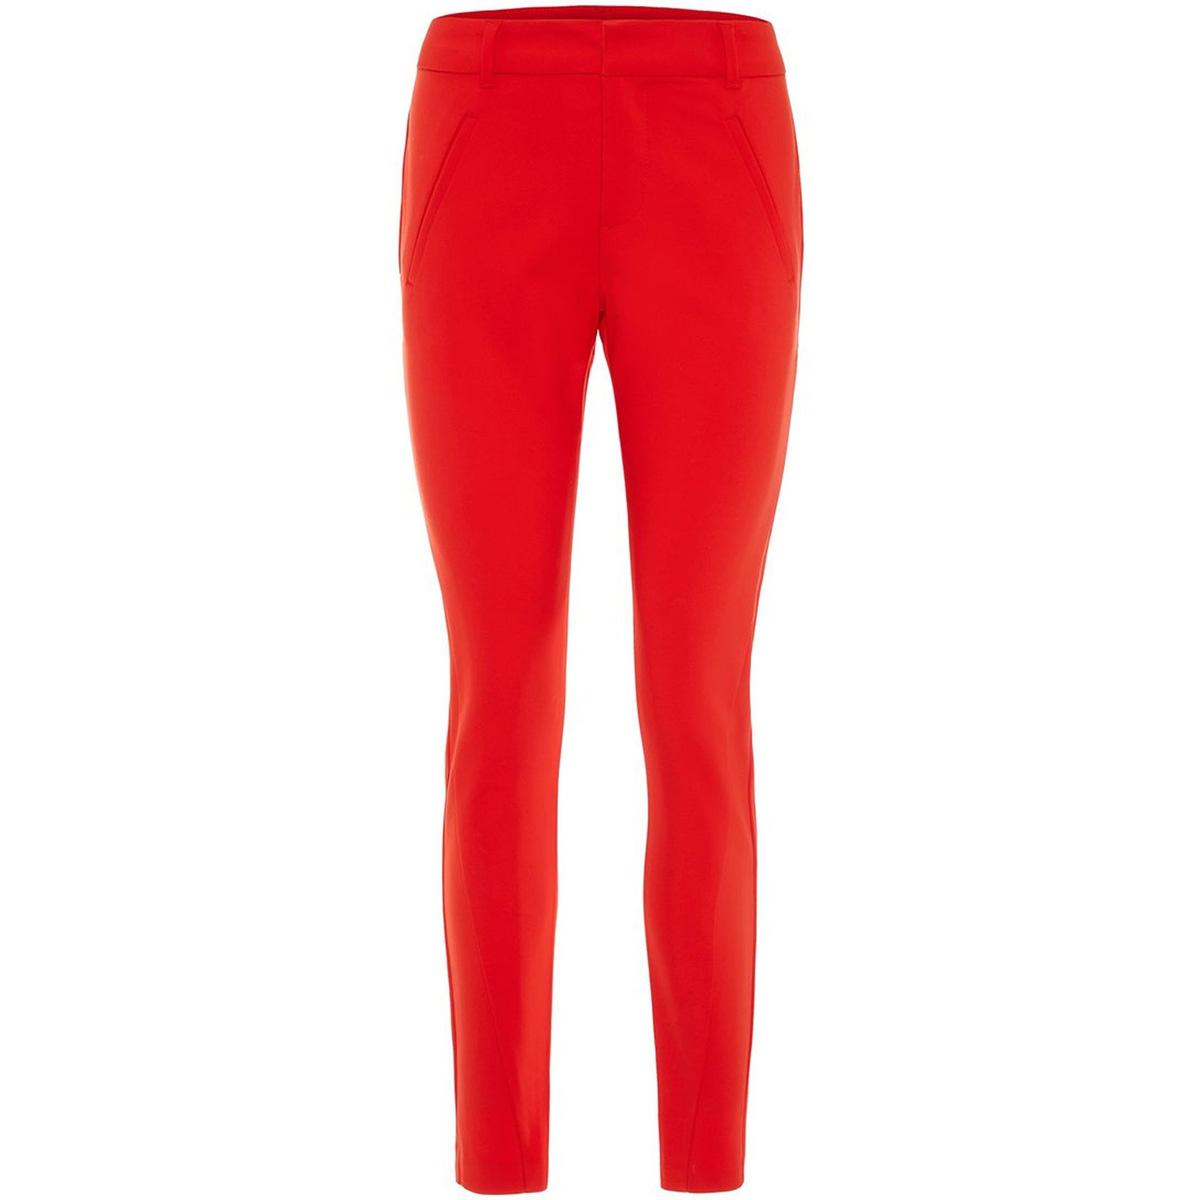 vmvictoria mr antifit ankle pants c 10186583 vero moda broek fiery red